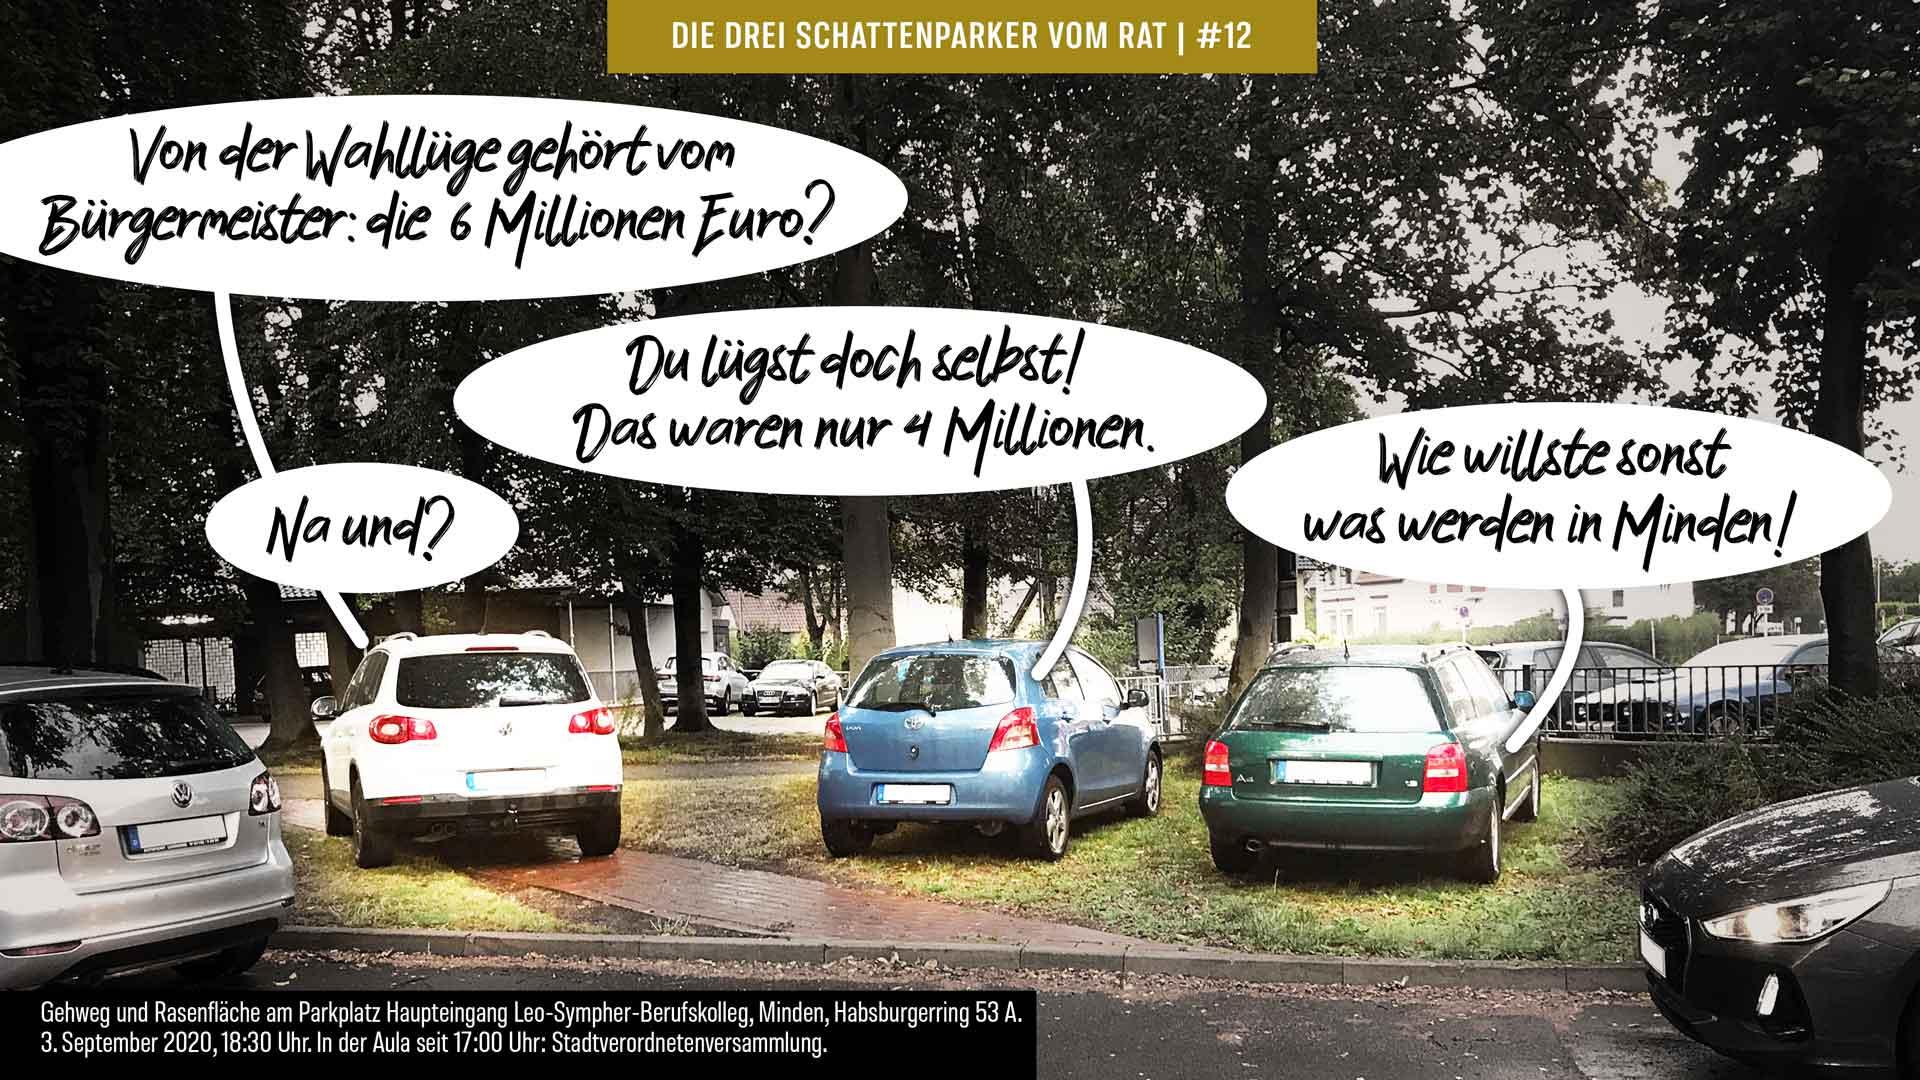 Die Wahllüge von Mindens Bürgermeister Jäcke